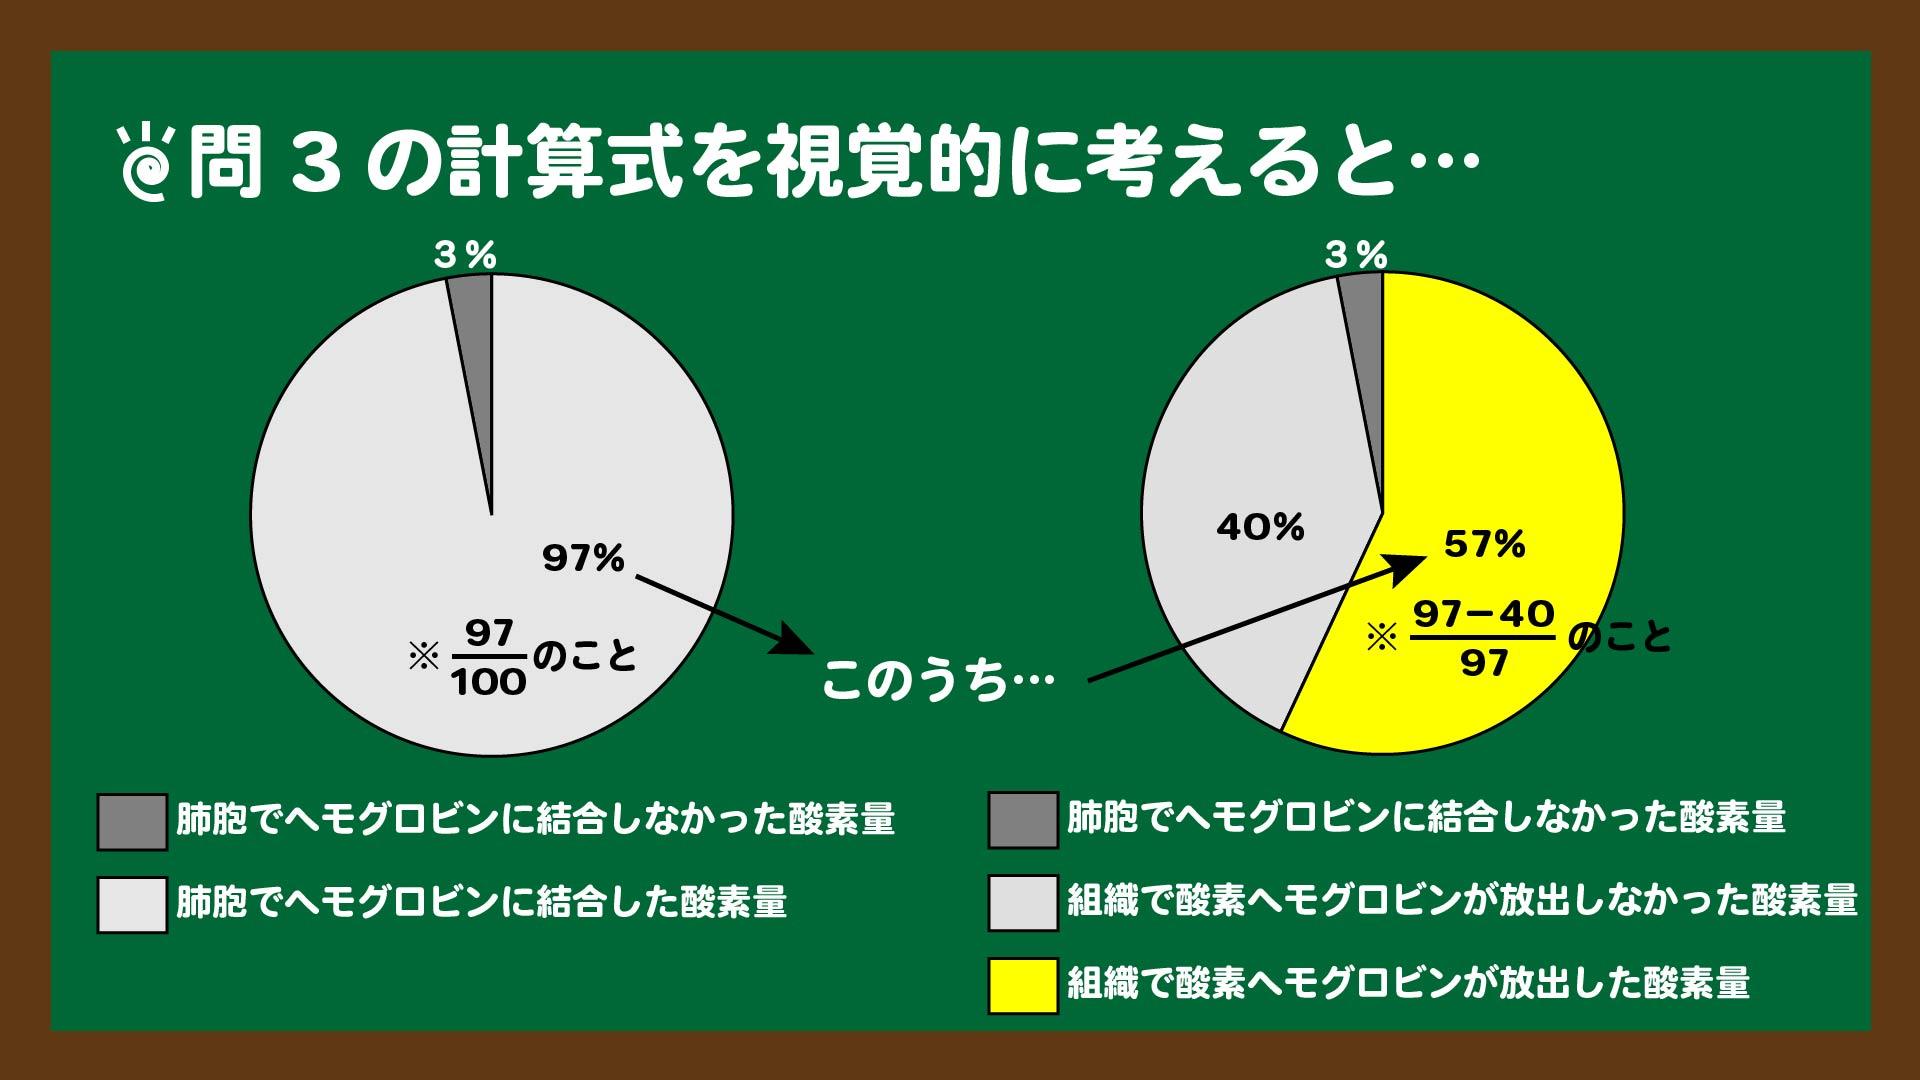 スライド7:円グラフで考えてみる